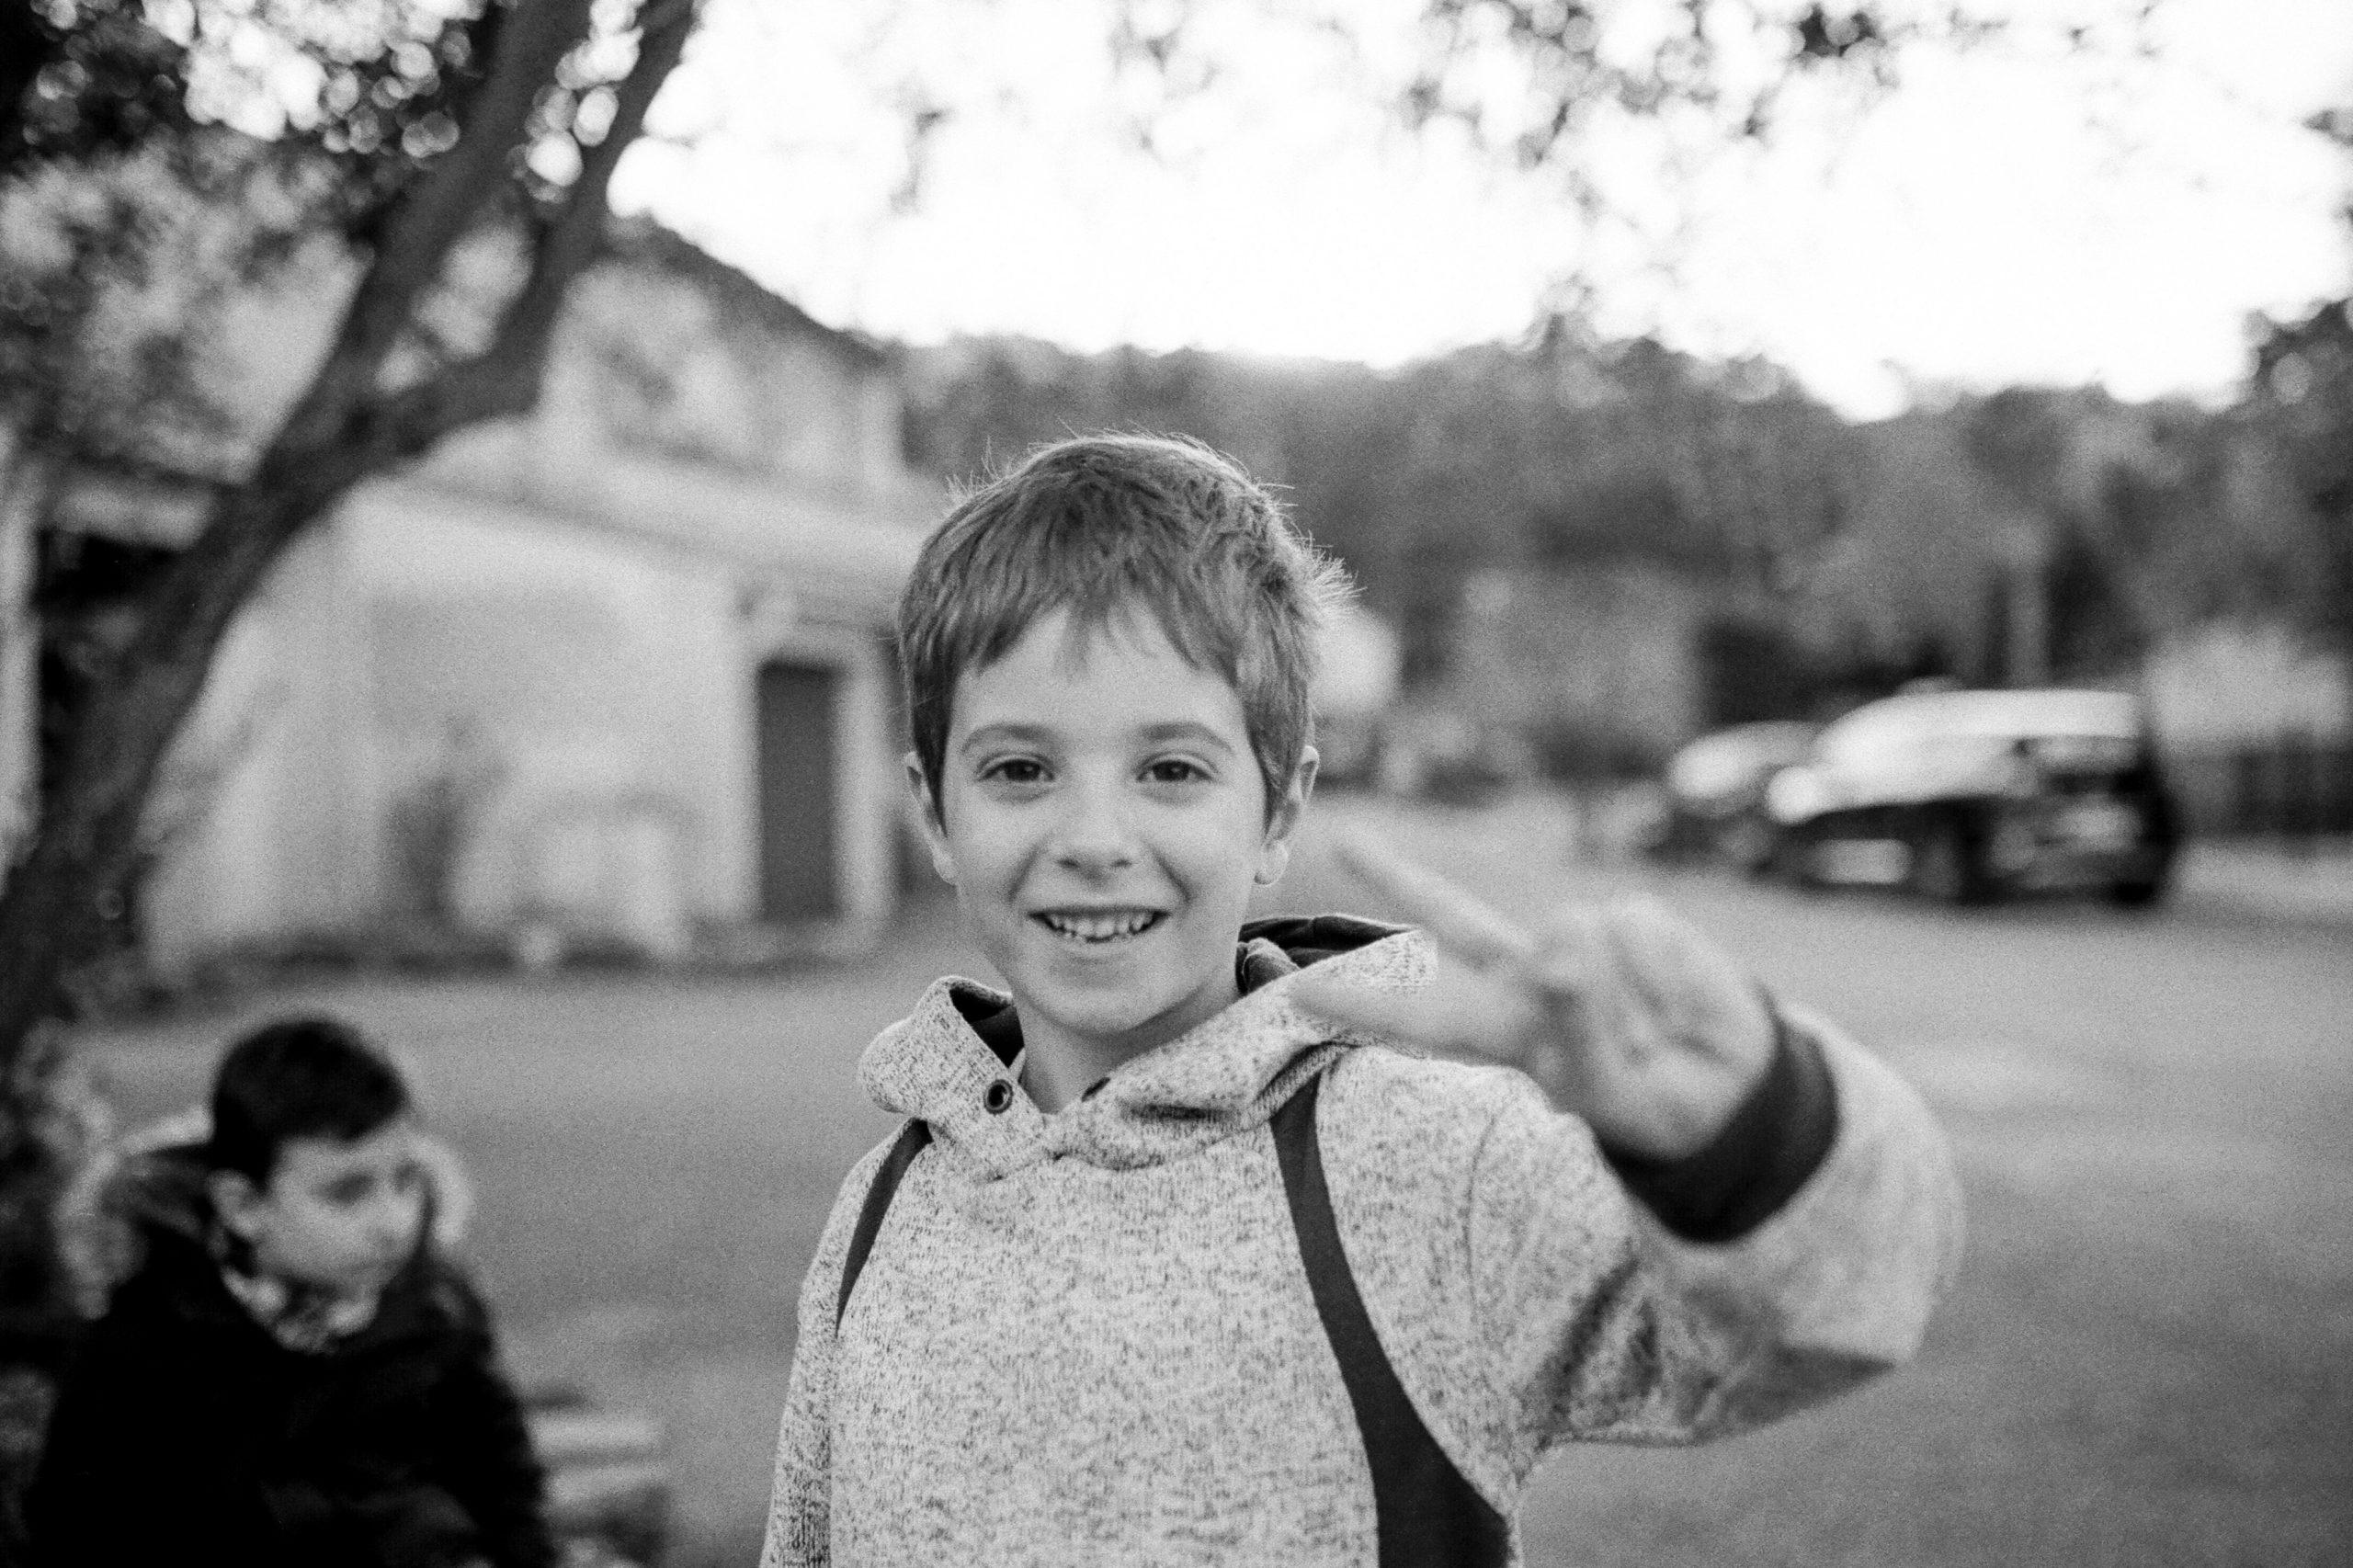 caroline liabot photographe - portrait d'enfant - sur le chemin de l ecole - projet perso - tmax400 - photo argentique - carmencitalab